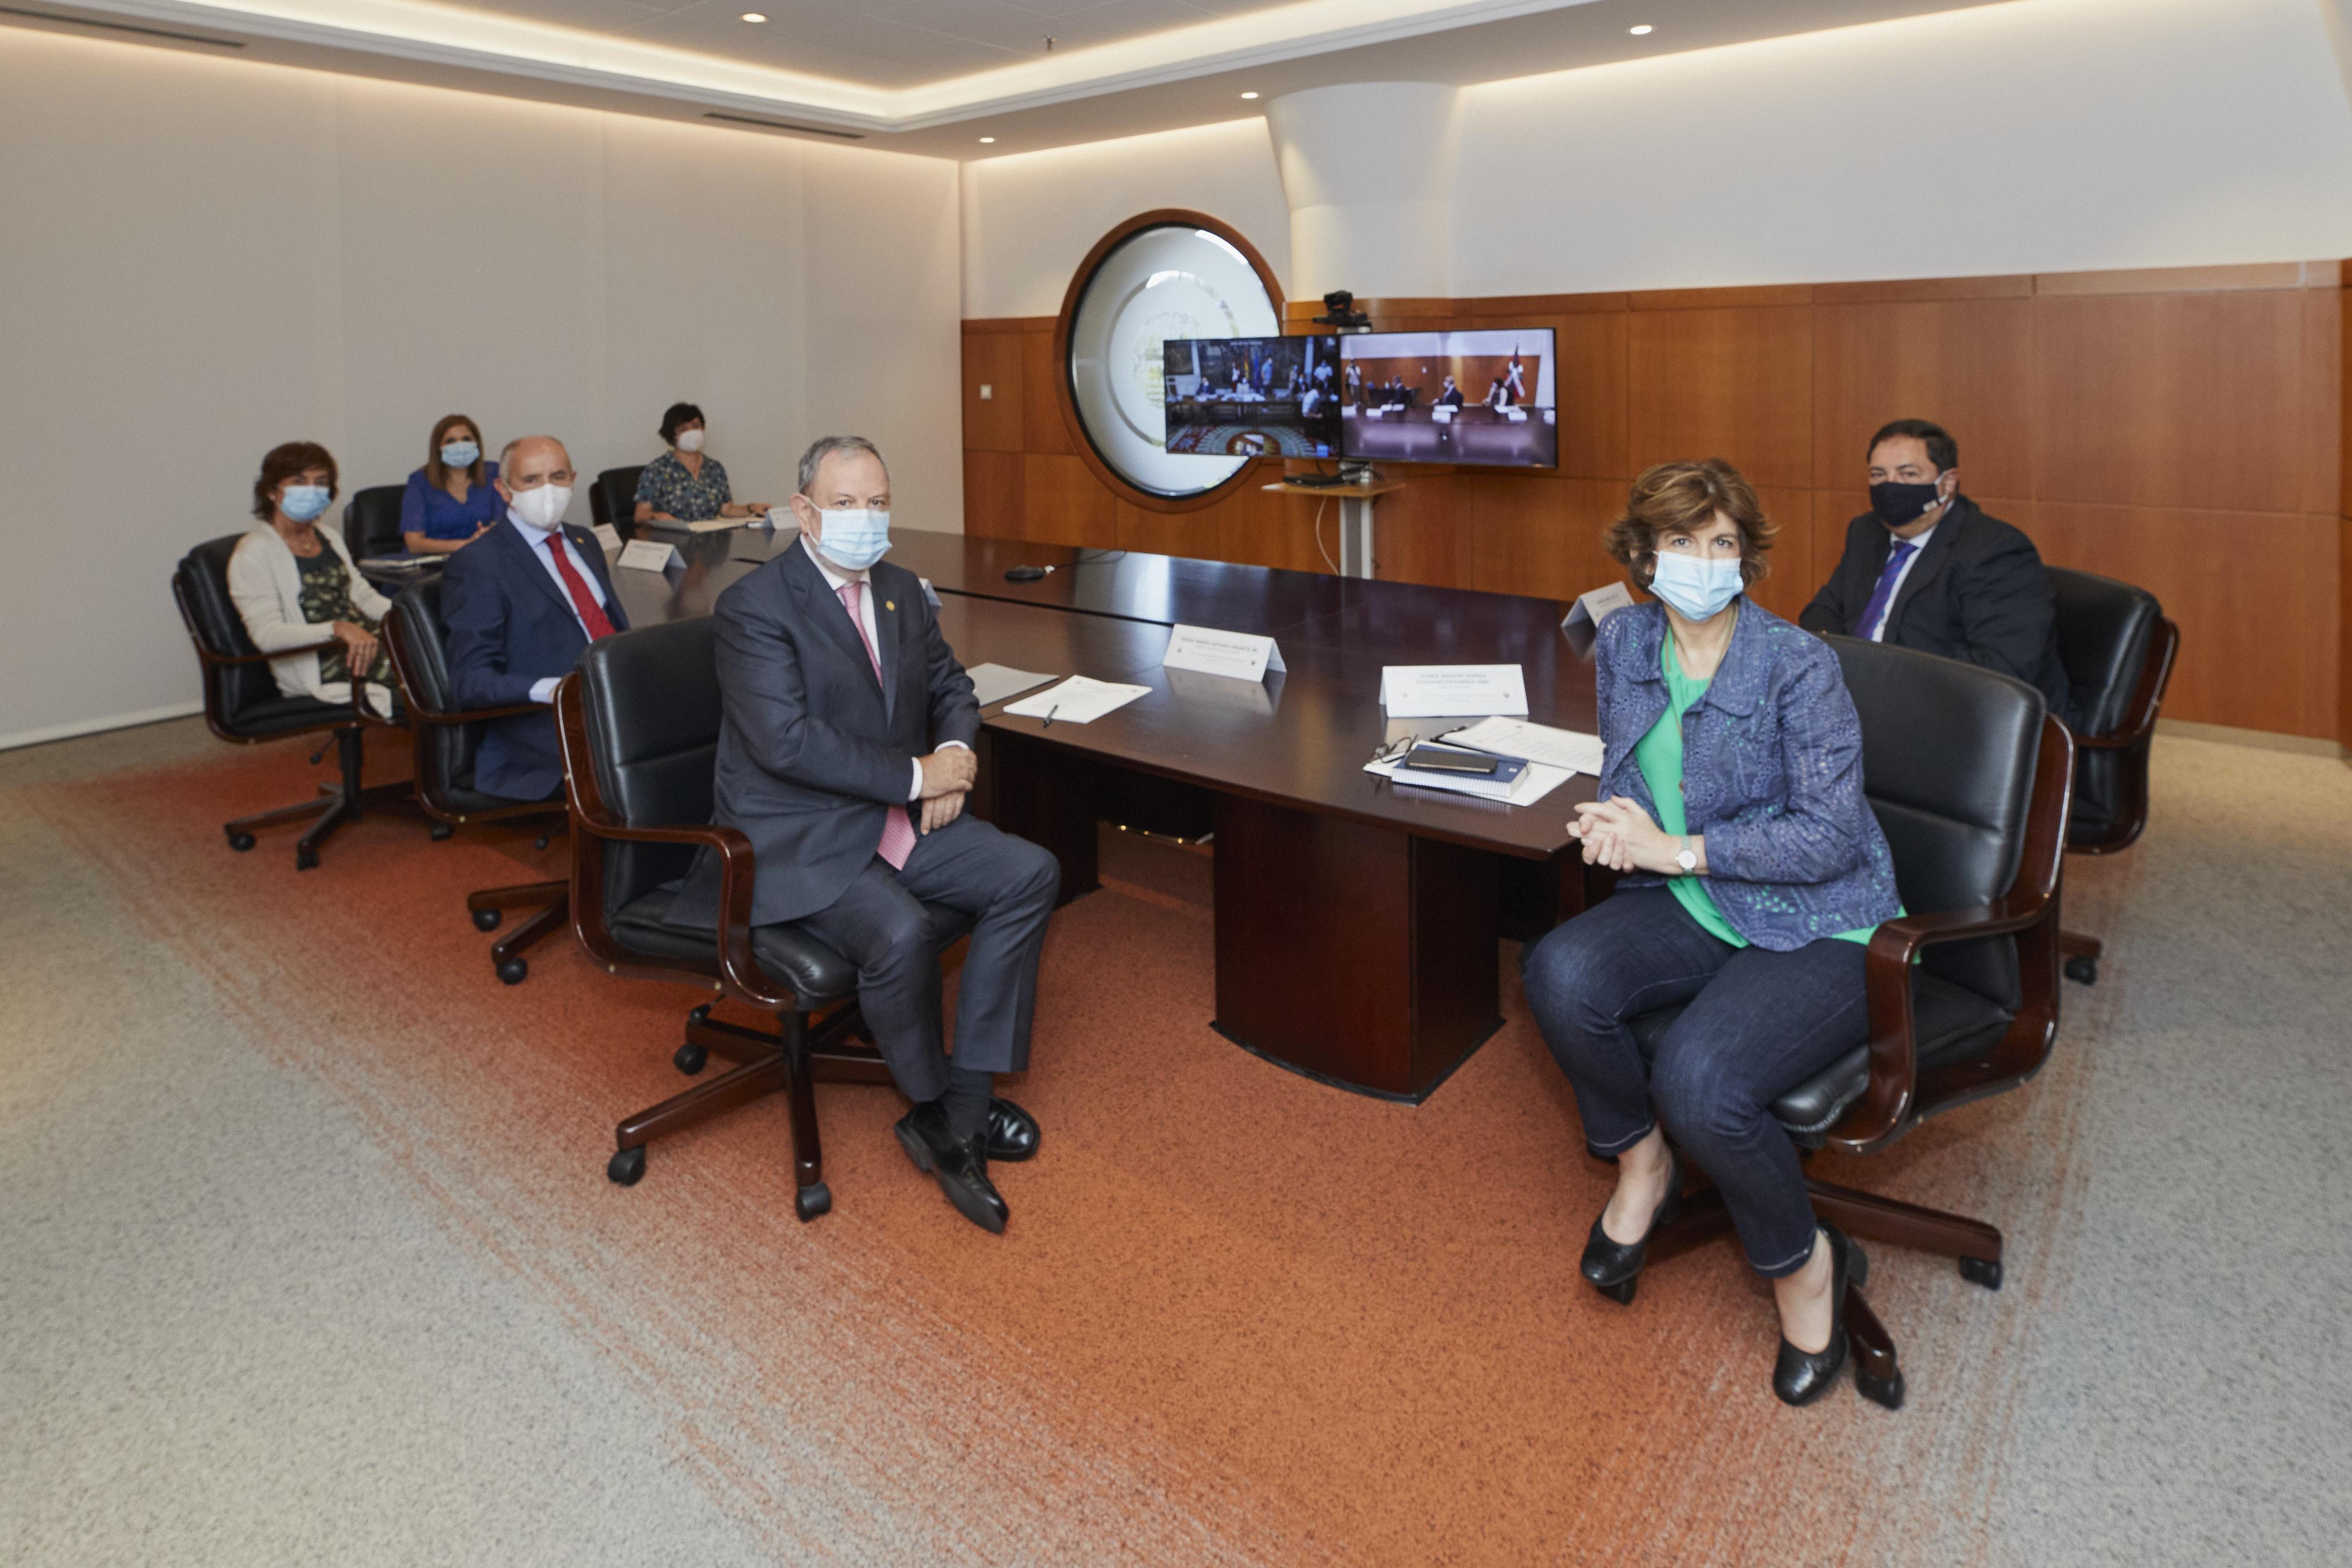 Los Gobiernos vasco y español acuerdan tres nuevas transferencias en el marco del compromiso bilateral para completar el Estatuto de Gernika  [0:50]